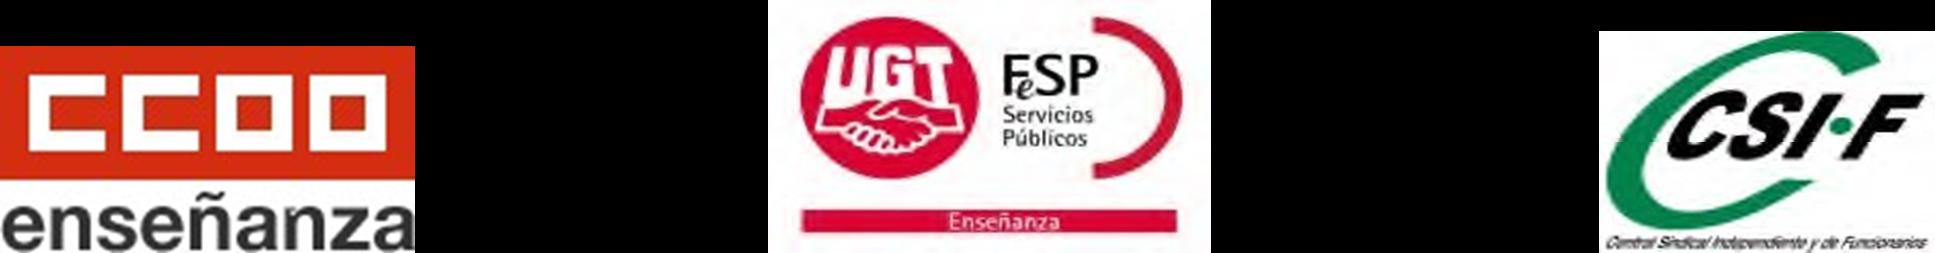 UGT CCOO CSIF Estatal